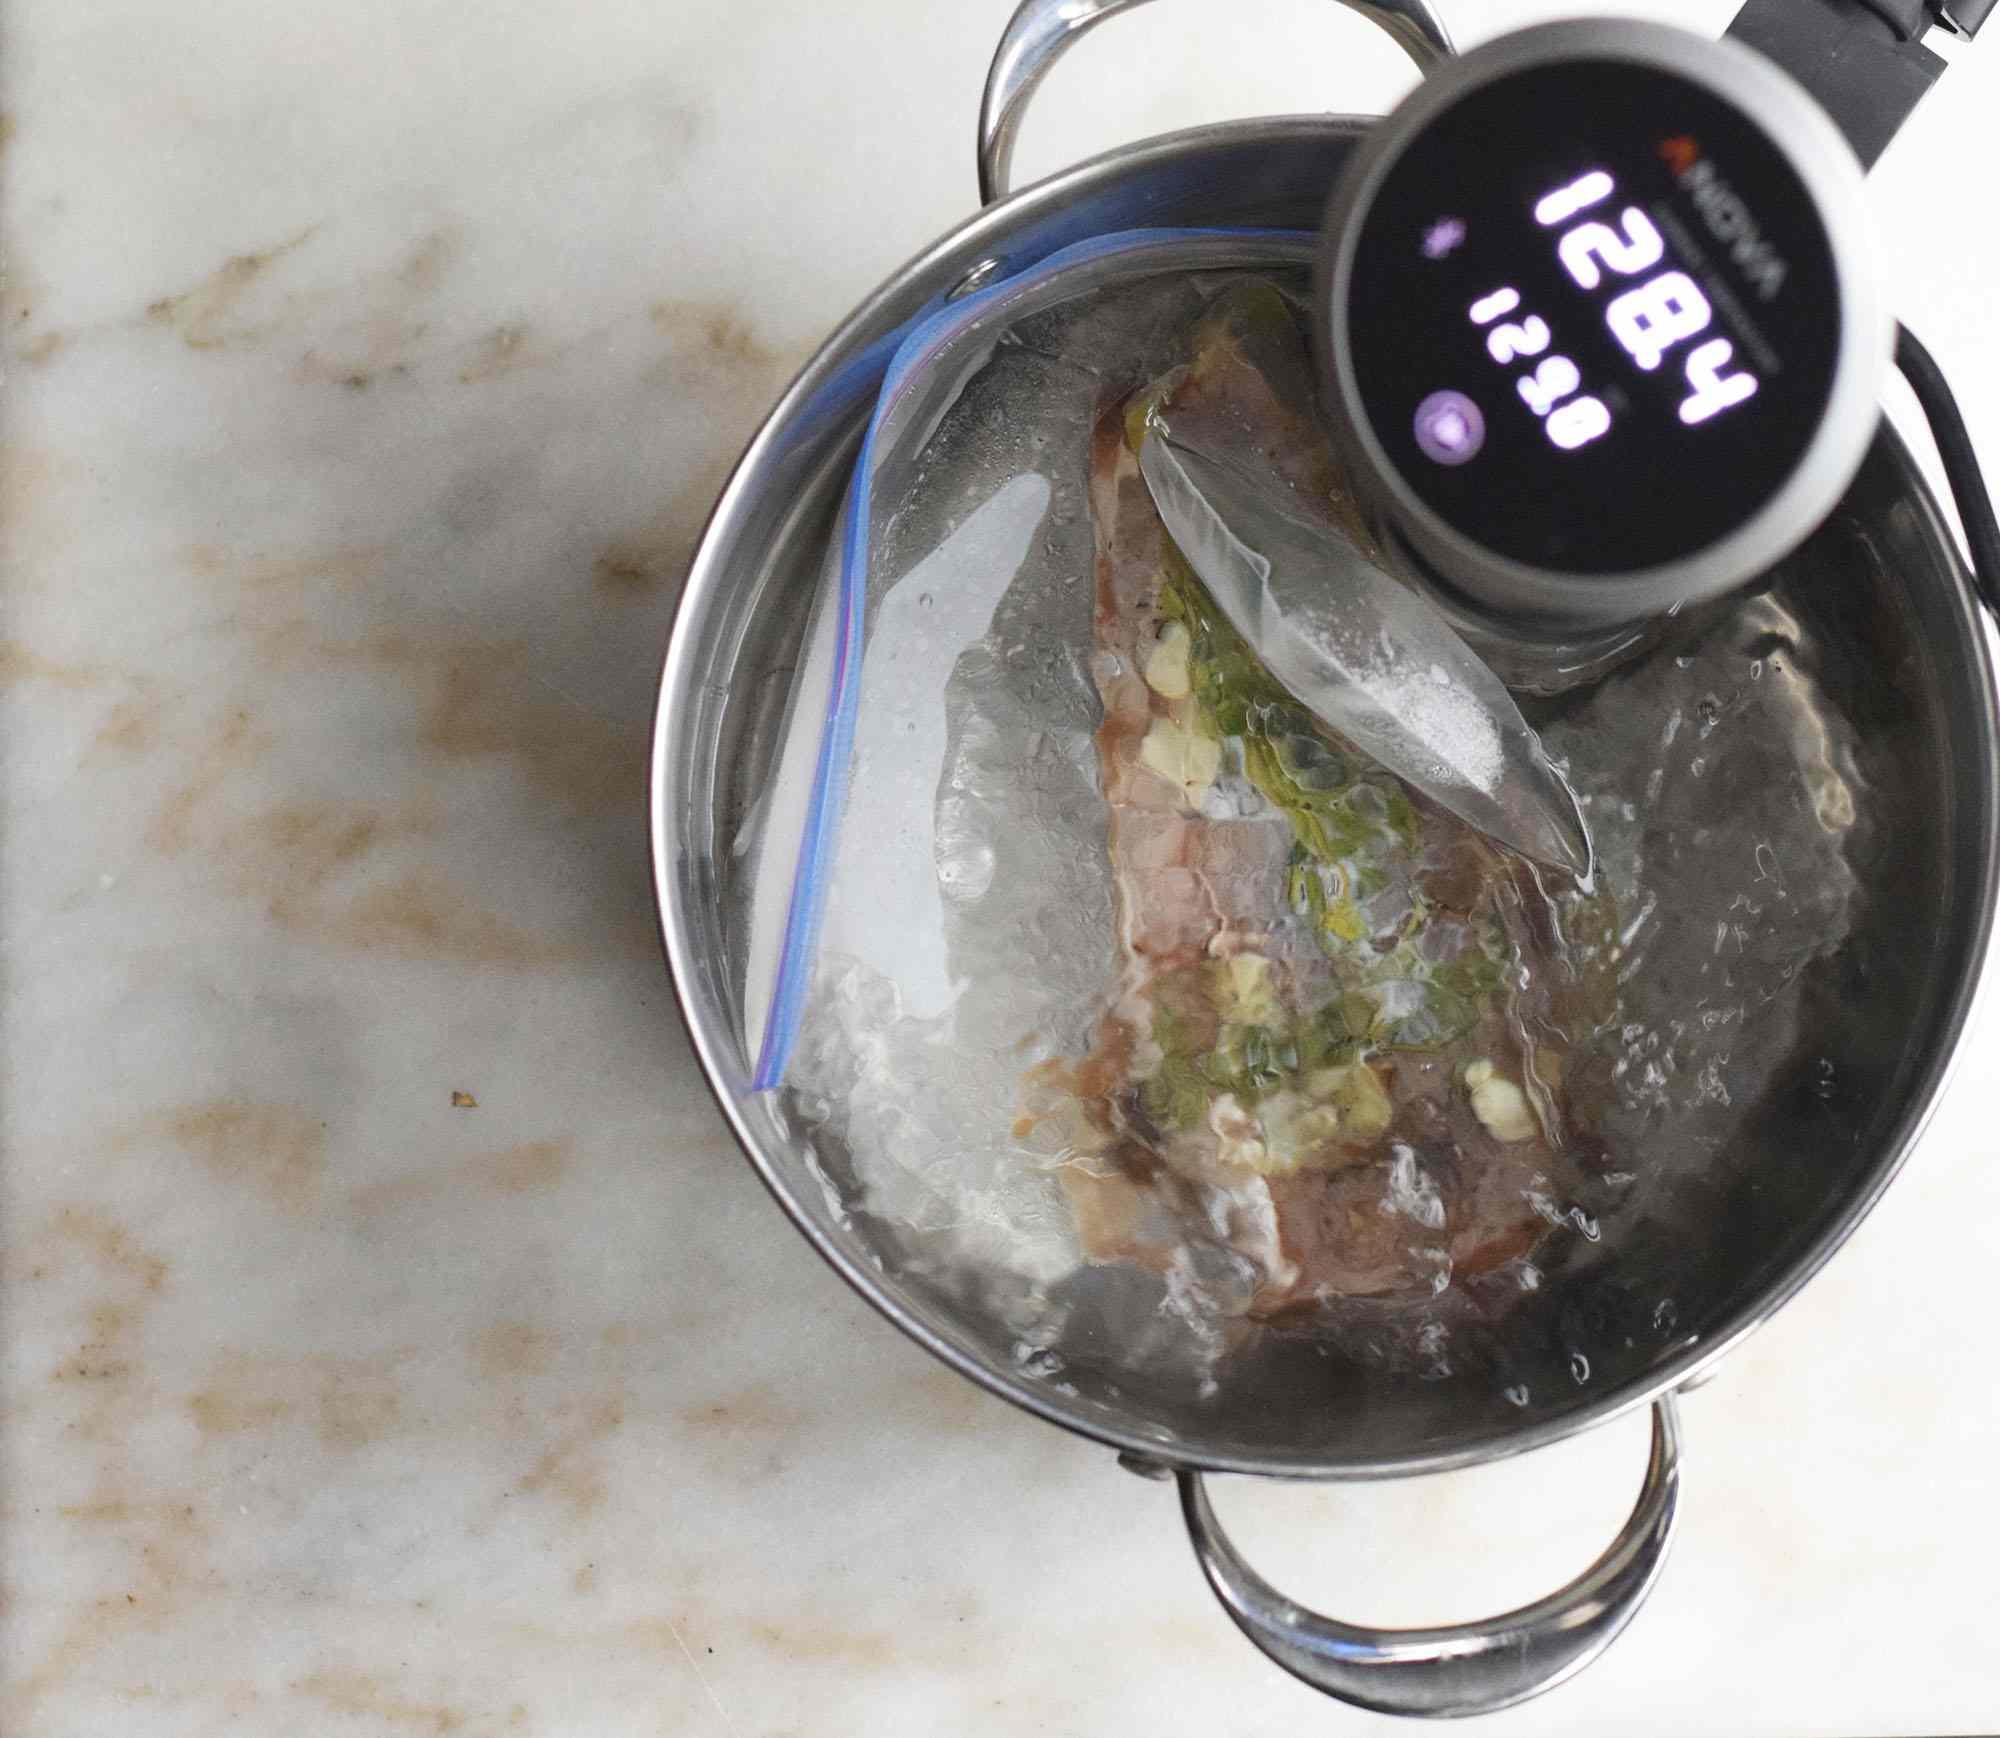 Steak in a sous vide machine